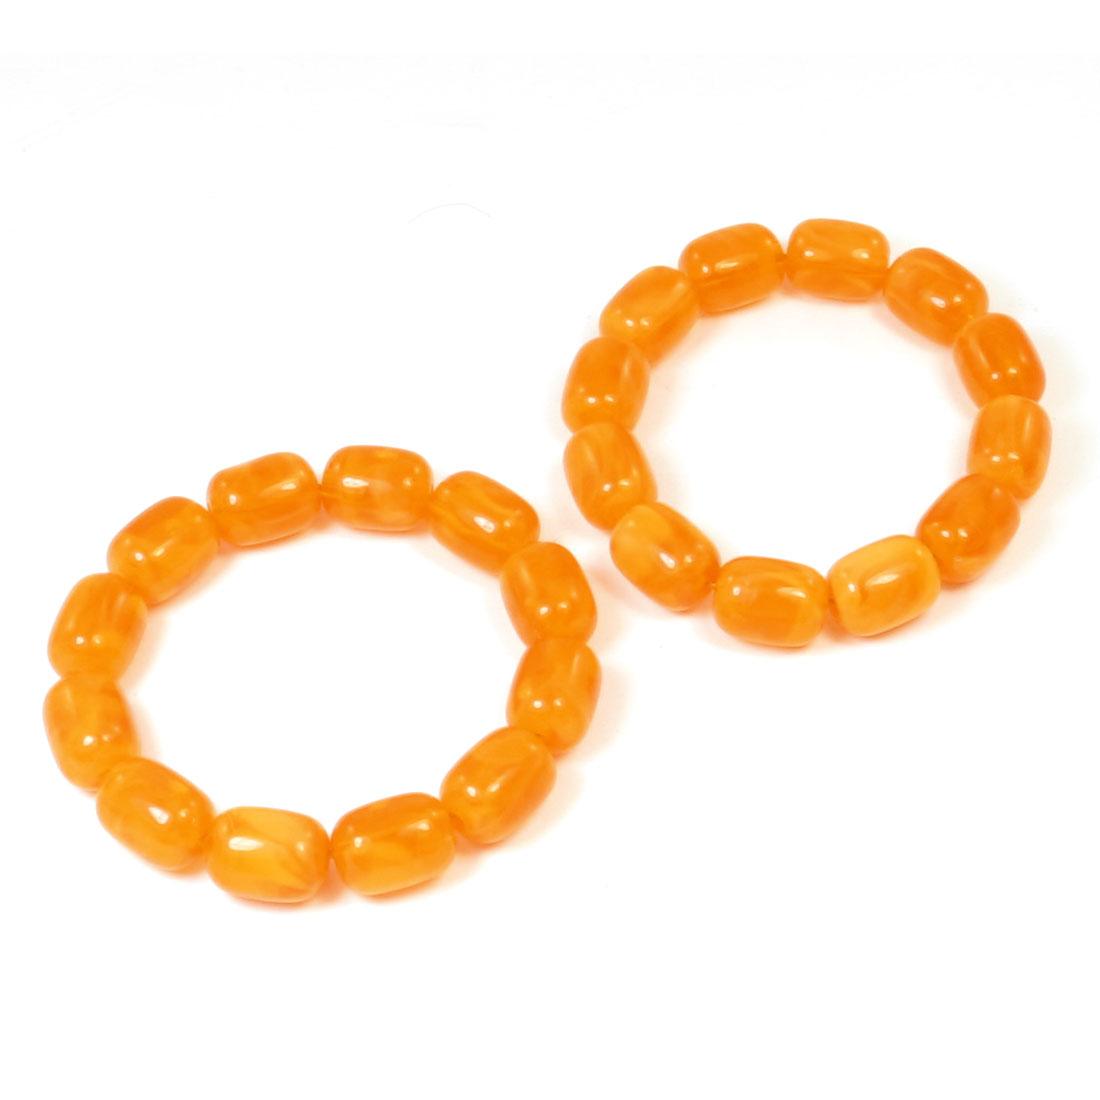 2pcs Orange Plastic Cylinder Beads Linked Elastic Prayer Wrist Bracelet